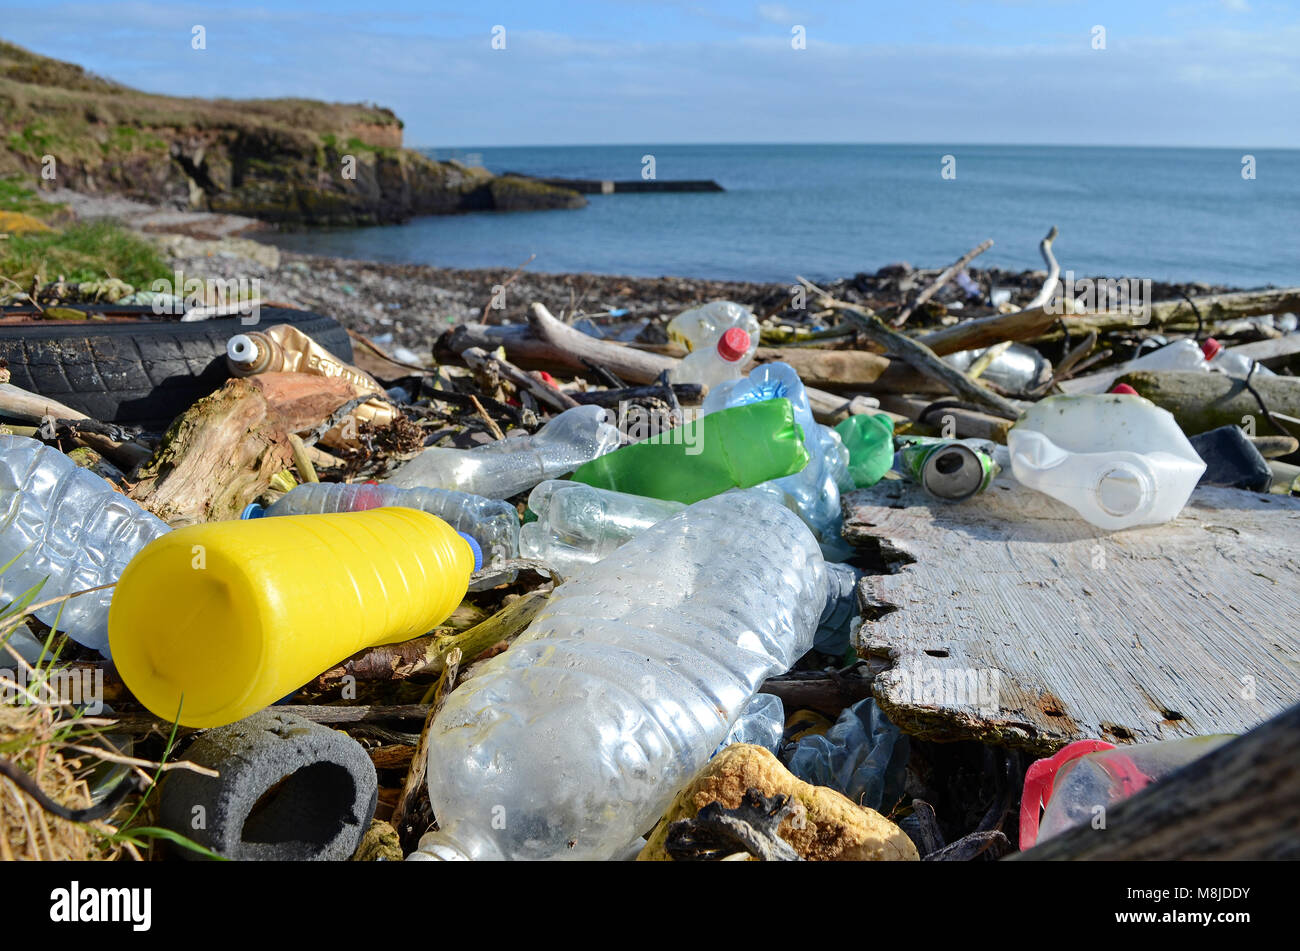 Los residuos plásticos desechados arrastrados hasta la playa de trabolgan en la costa sudoeste de Irlanda. Imagen De Stock